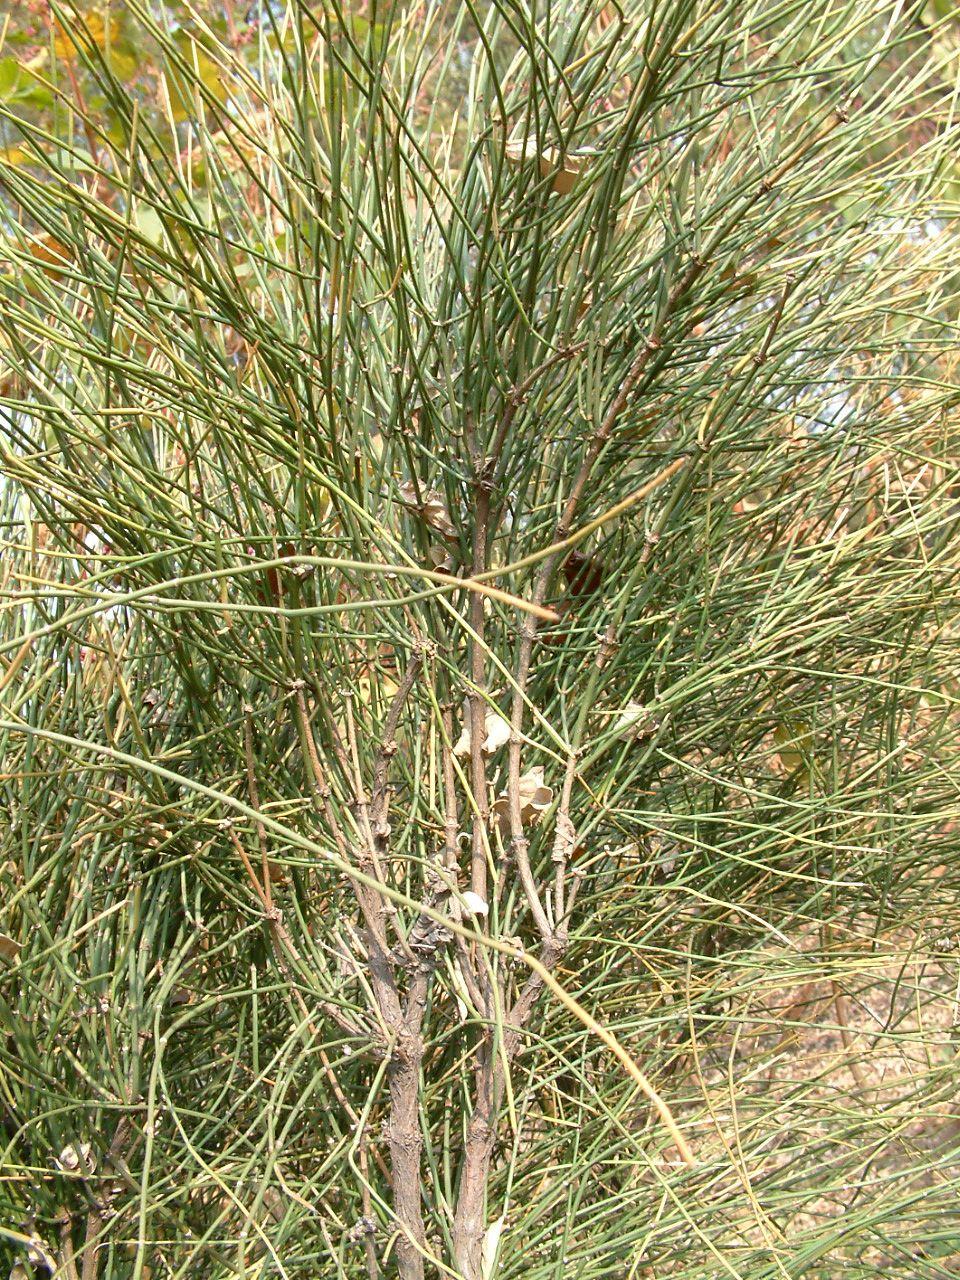 Ephedra viridis seed